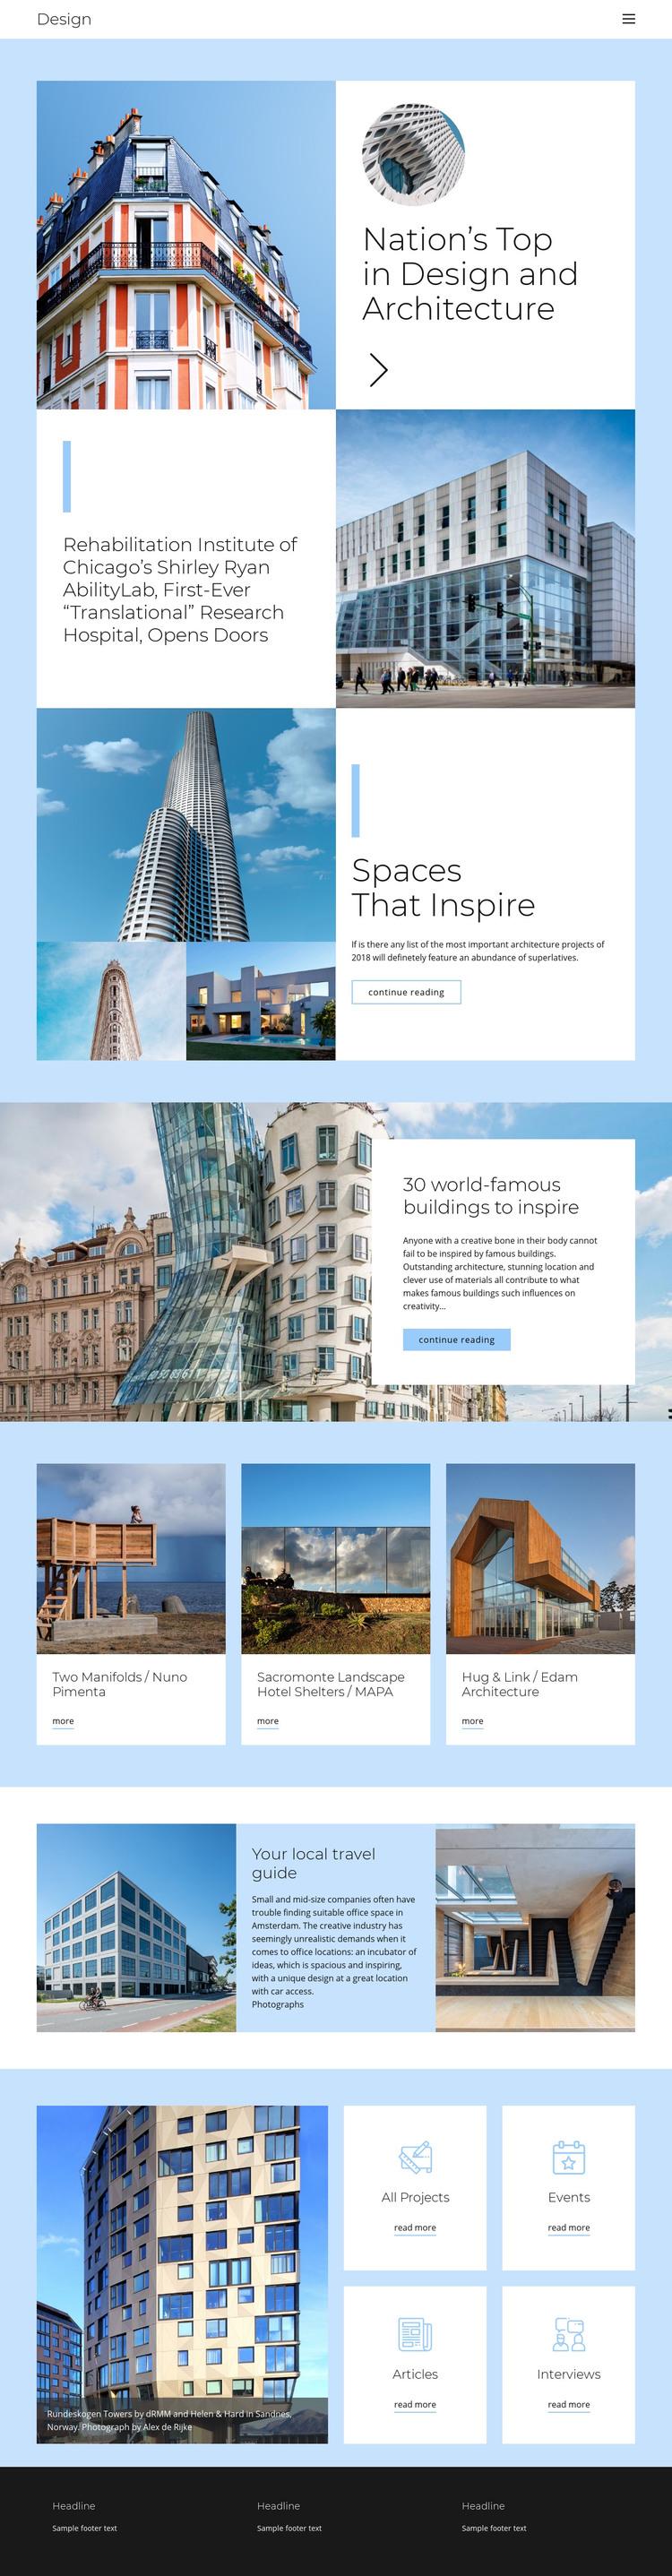 Architecture city guide Homepage Design